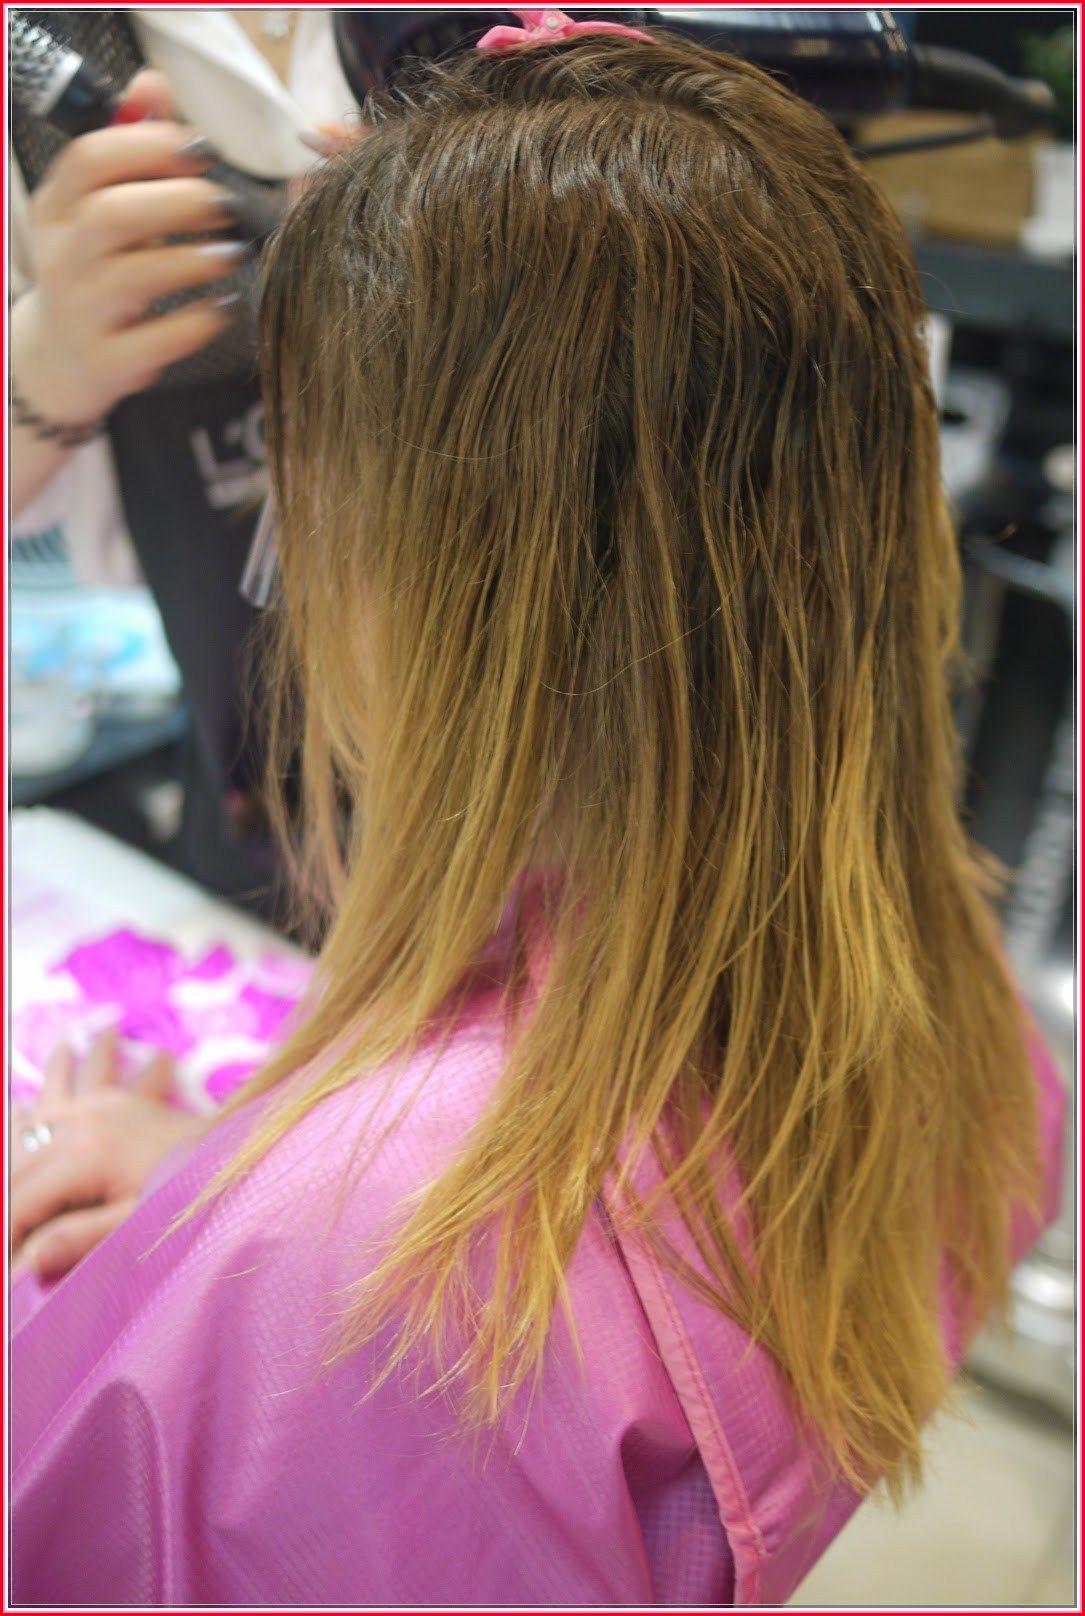 Wet hair looks thinner